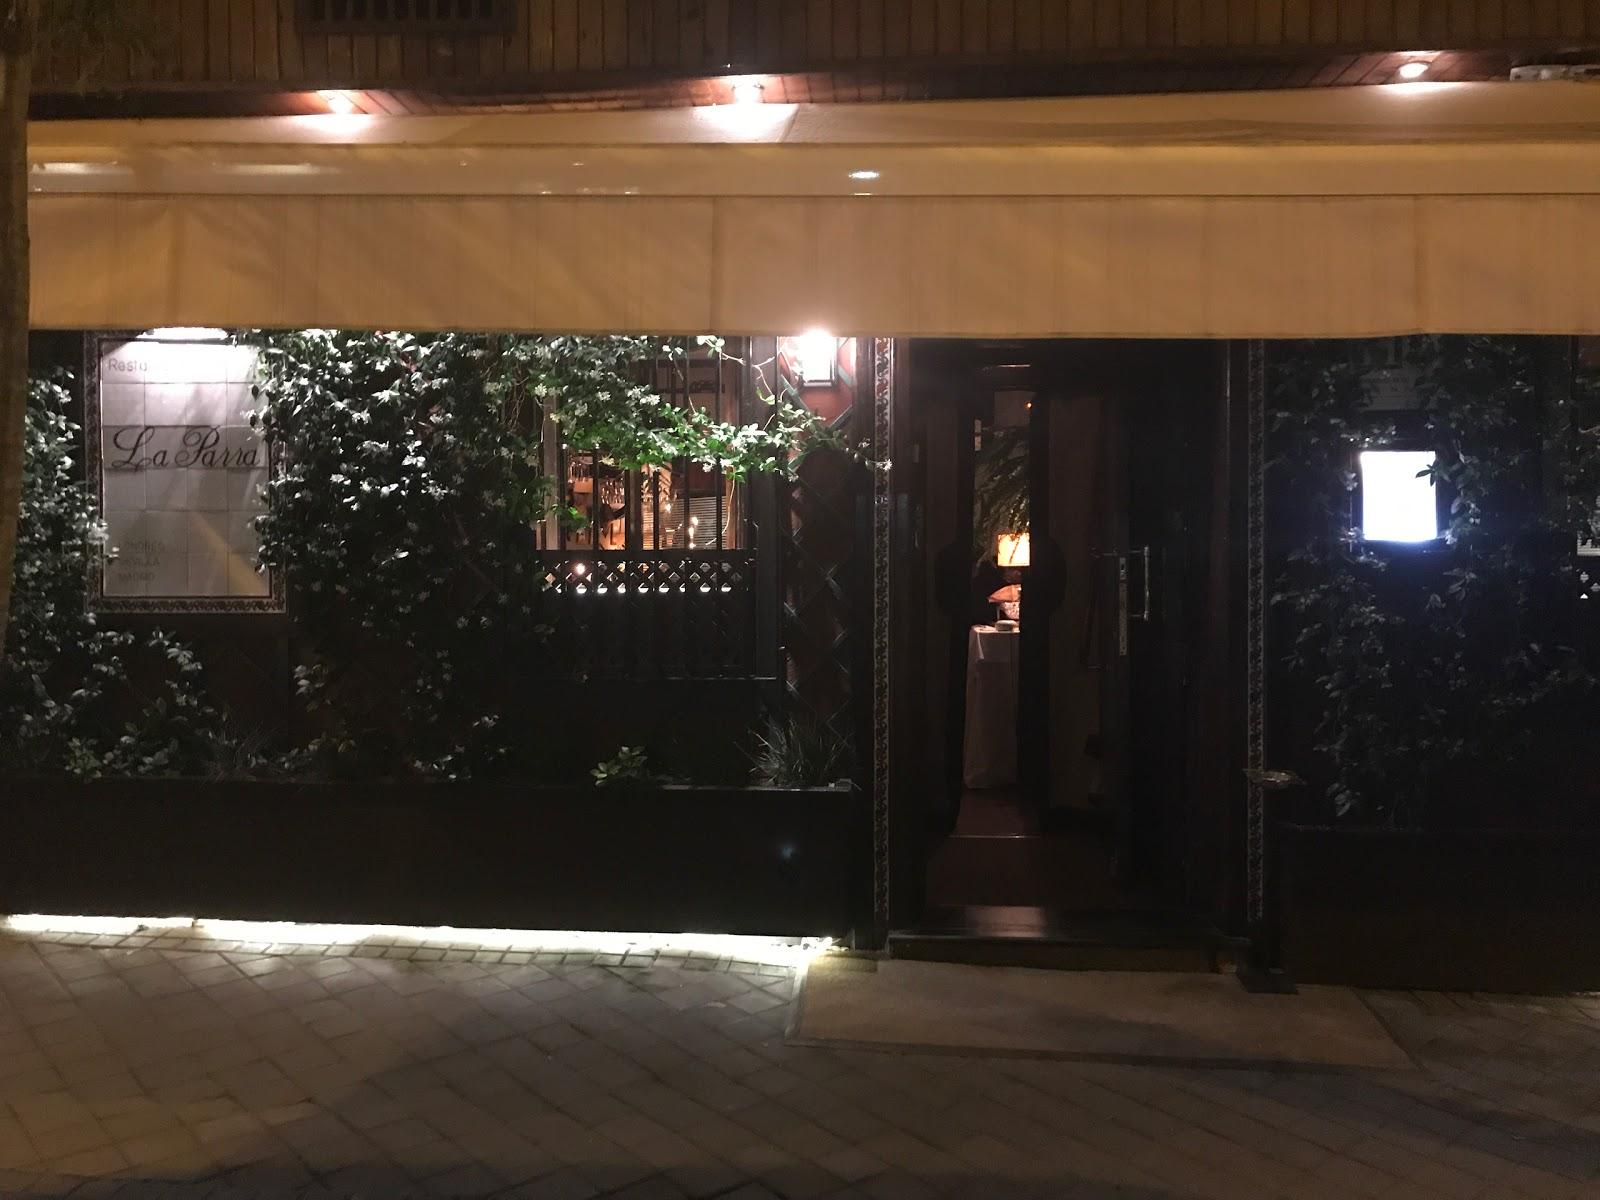 La Parra Bar & Copas